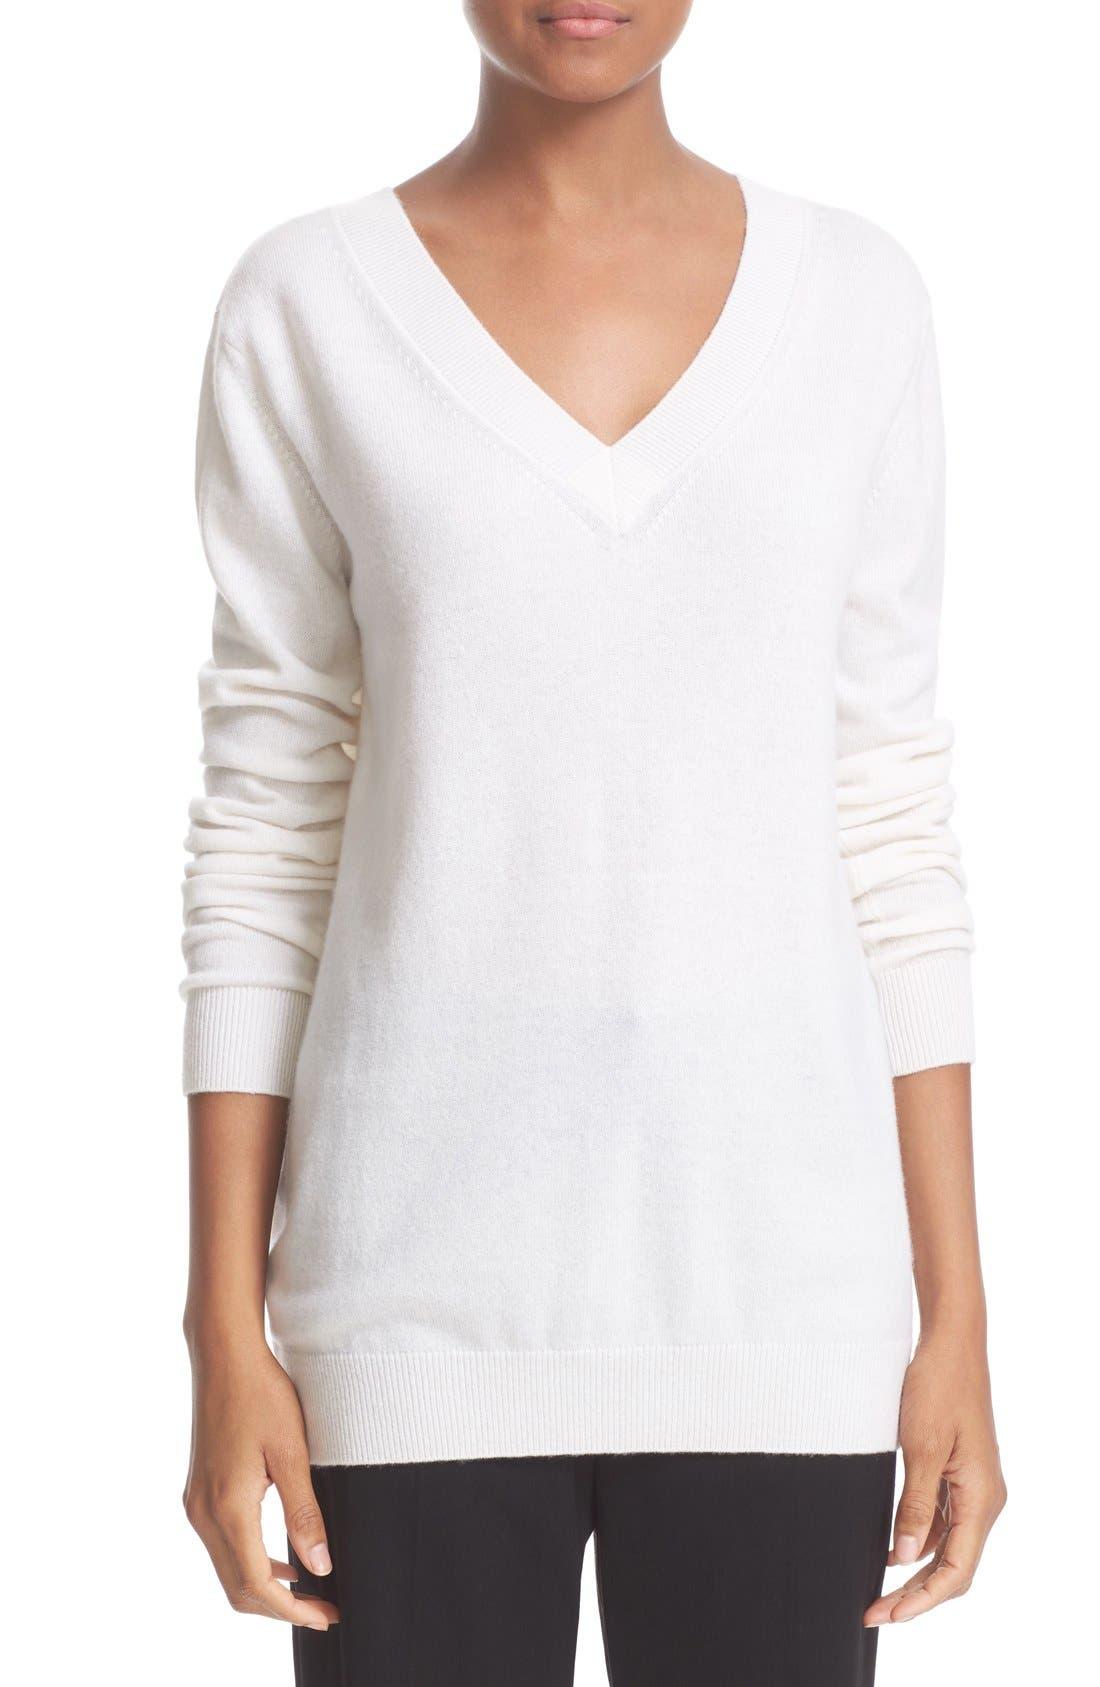 Alternate Image 1 Selected - Vince Cashmere V-Neck Sweater